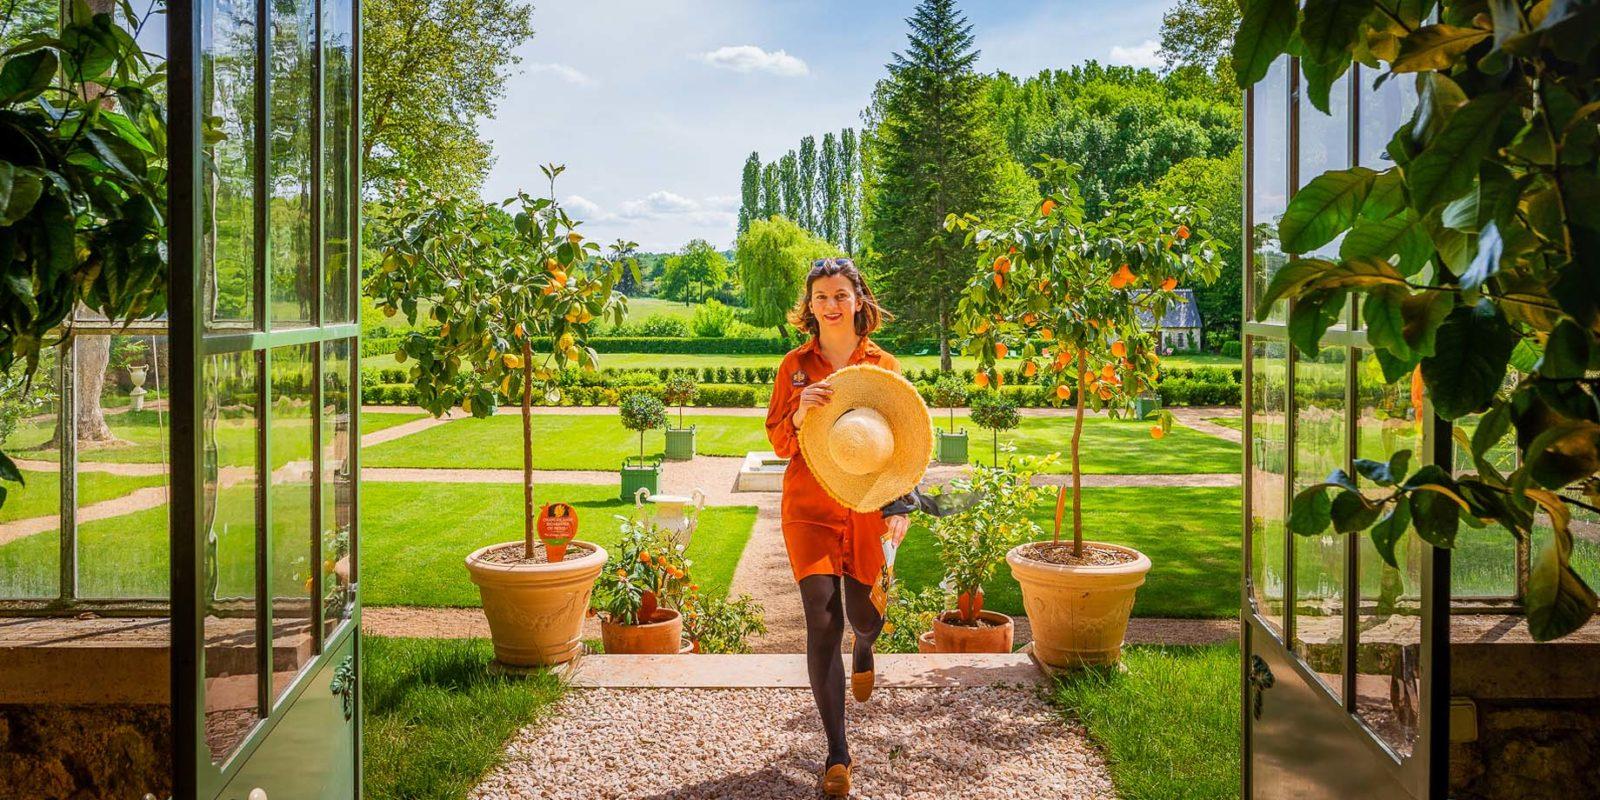 Les parcs et jardins remarquables - La Touraine, le jardin de la ...